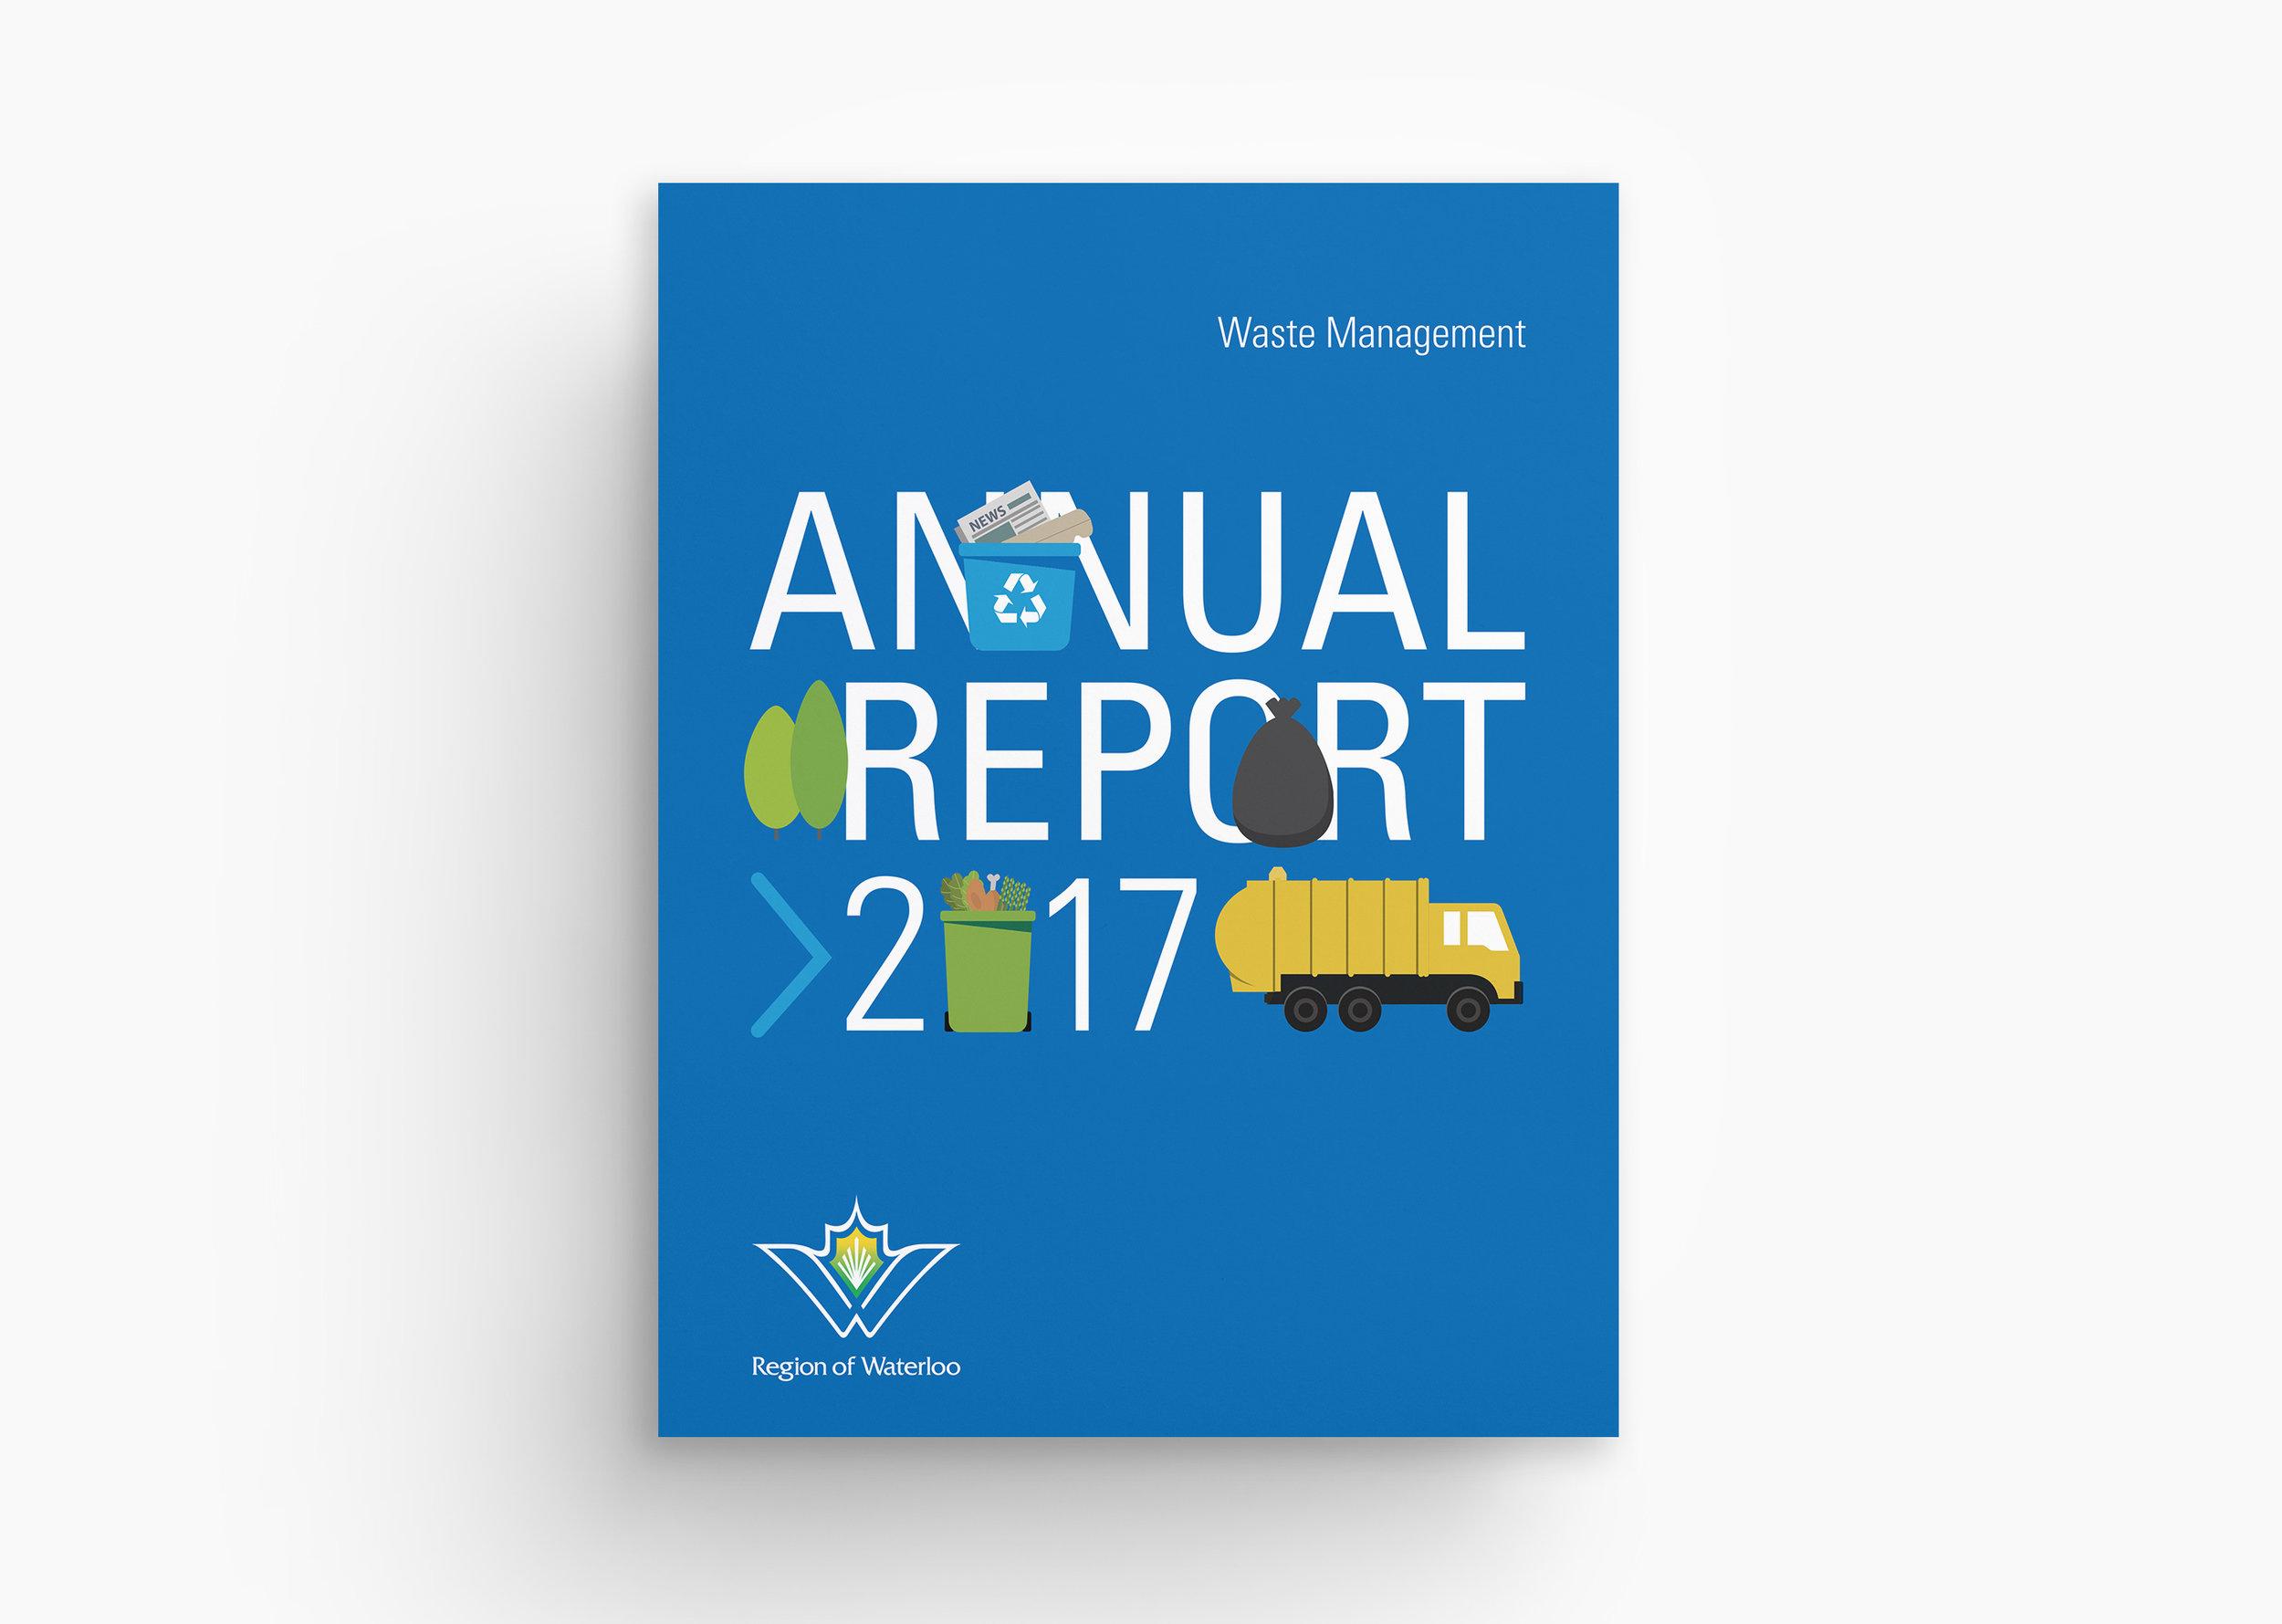 RegionOfWaterlooWasteManagement_Ebbnflowcreative_AnnualReport_2017.jpg